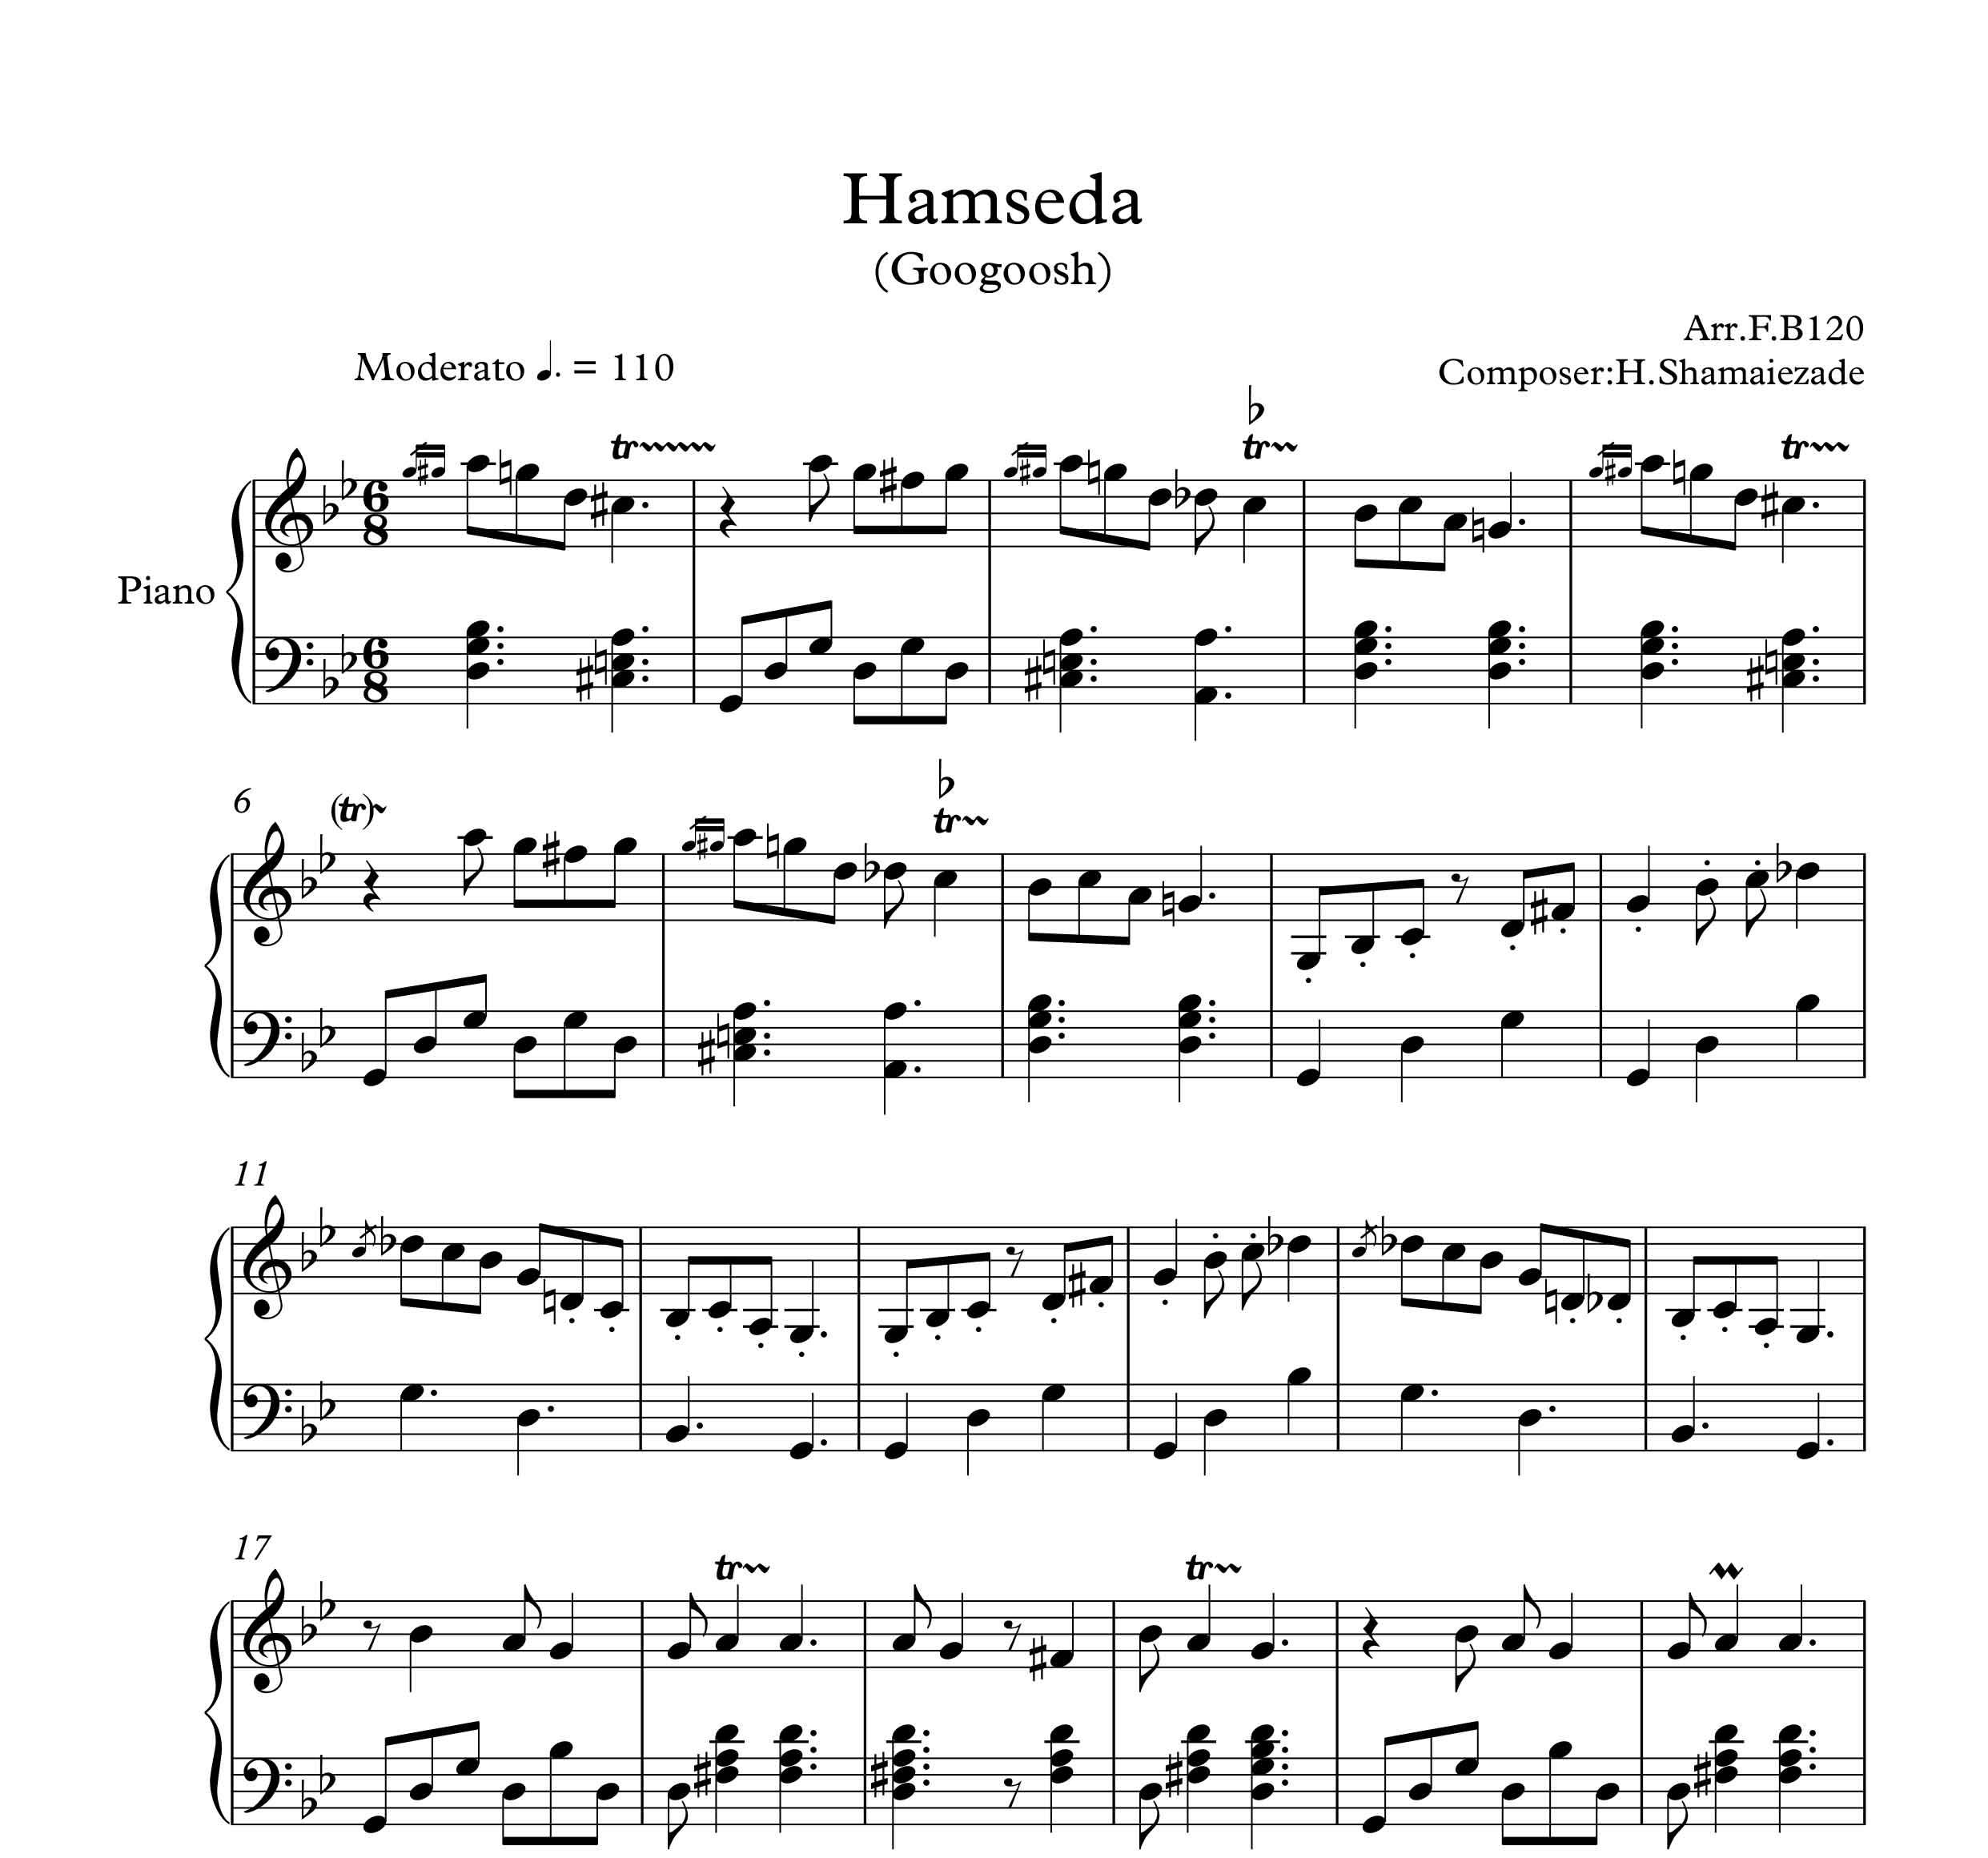 نت آهنگ همصدا برای پیانو